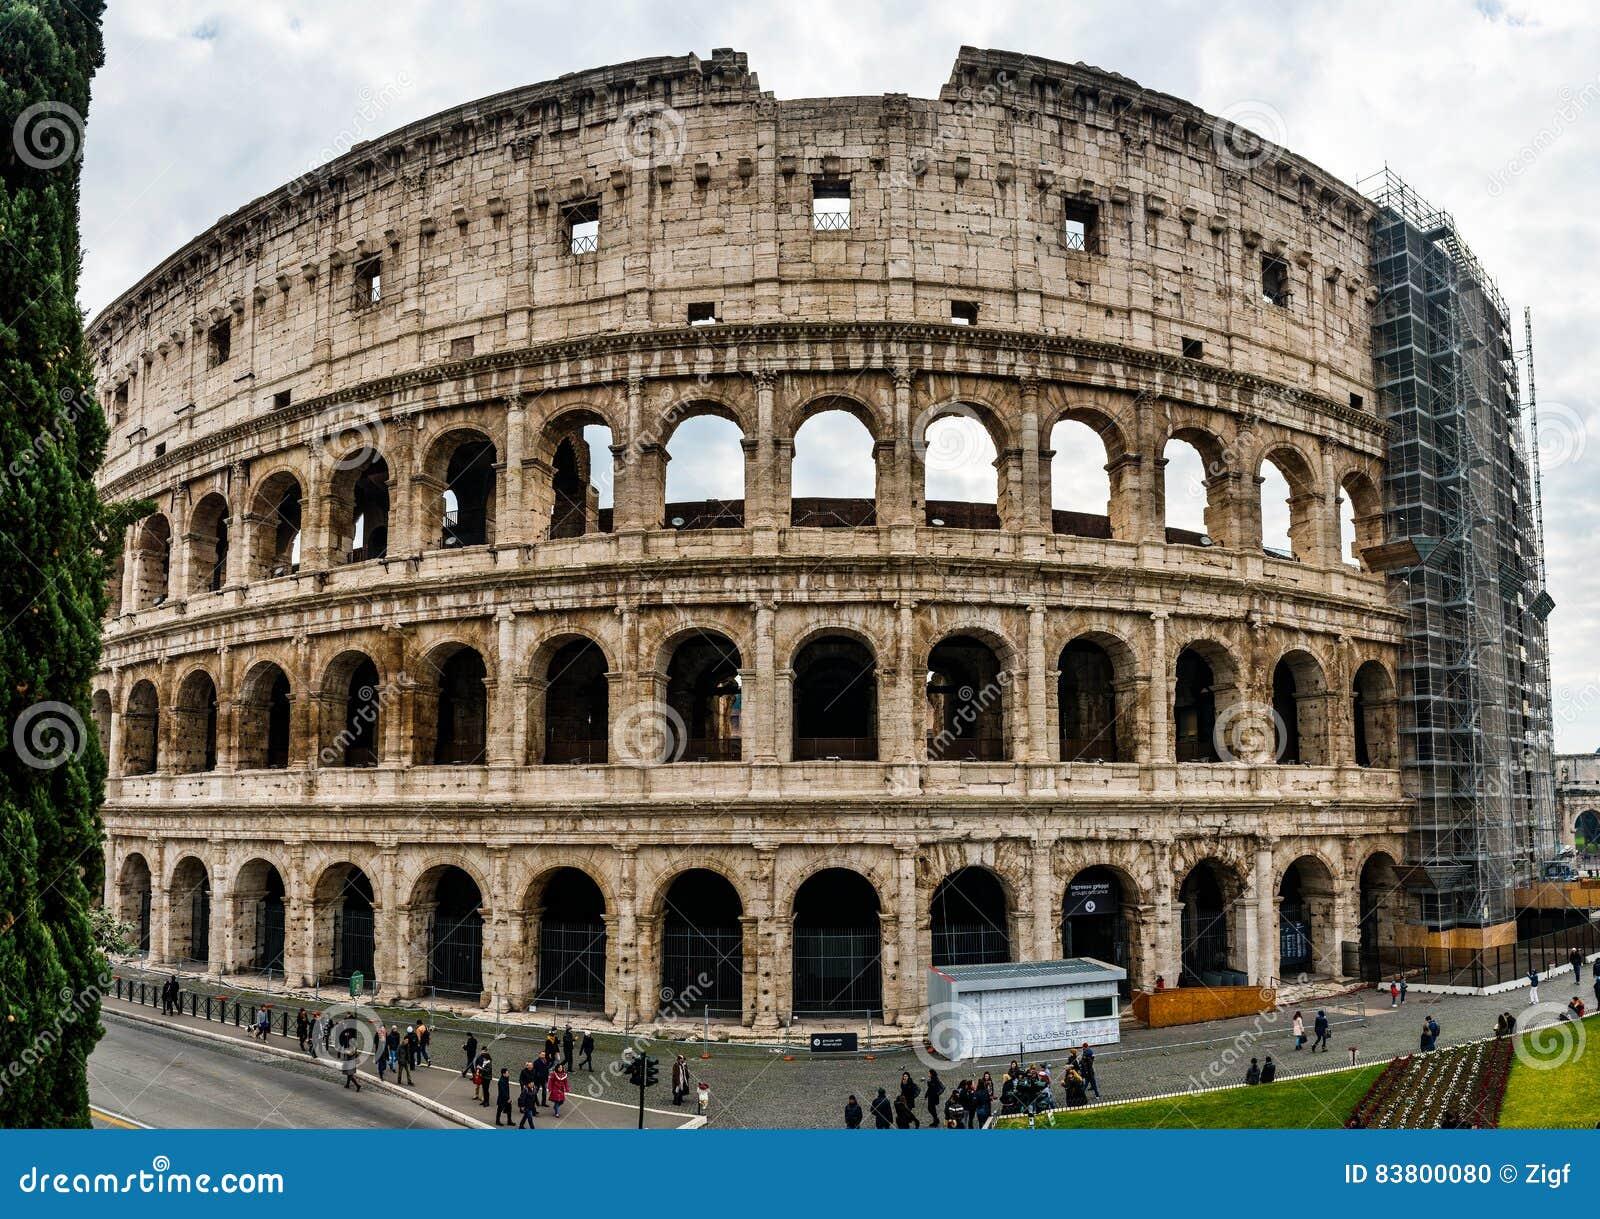 Colosseum ou Flavian Amphitheatre em Roma, Itália